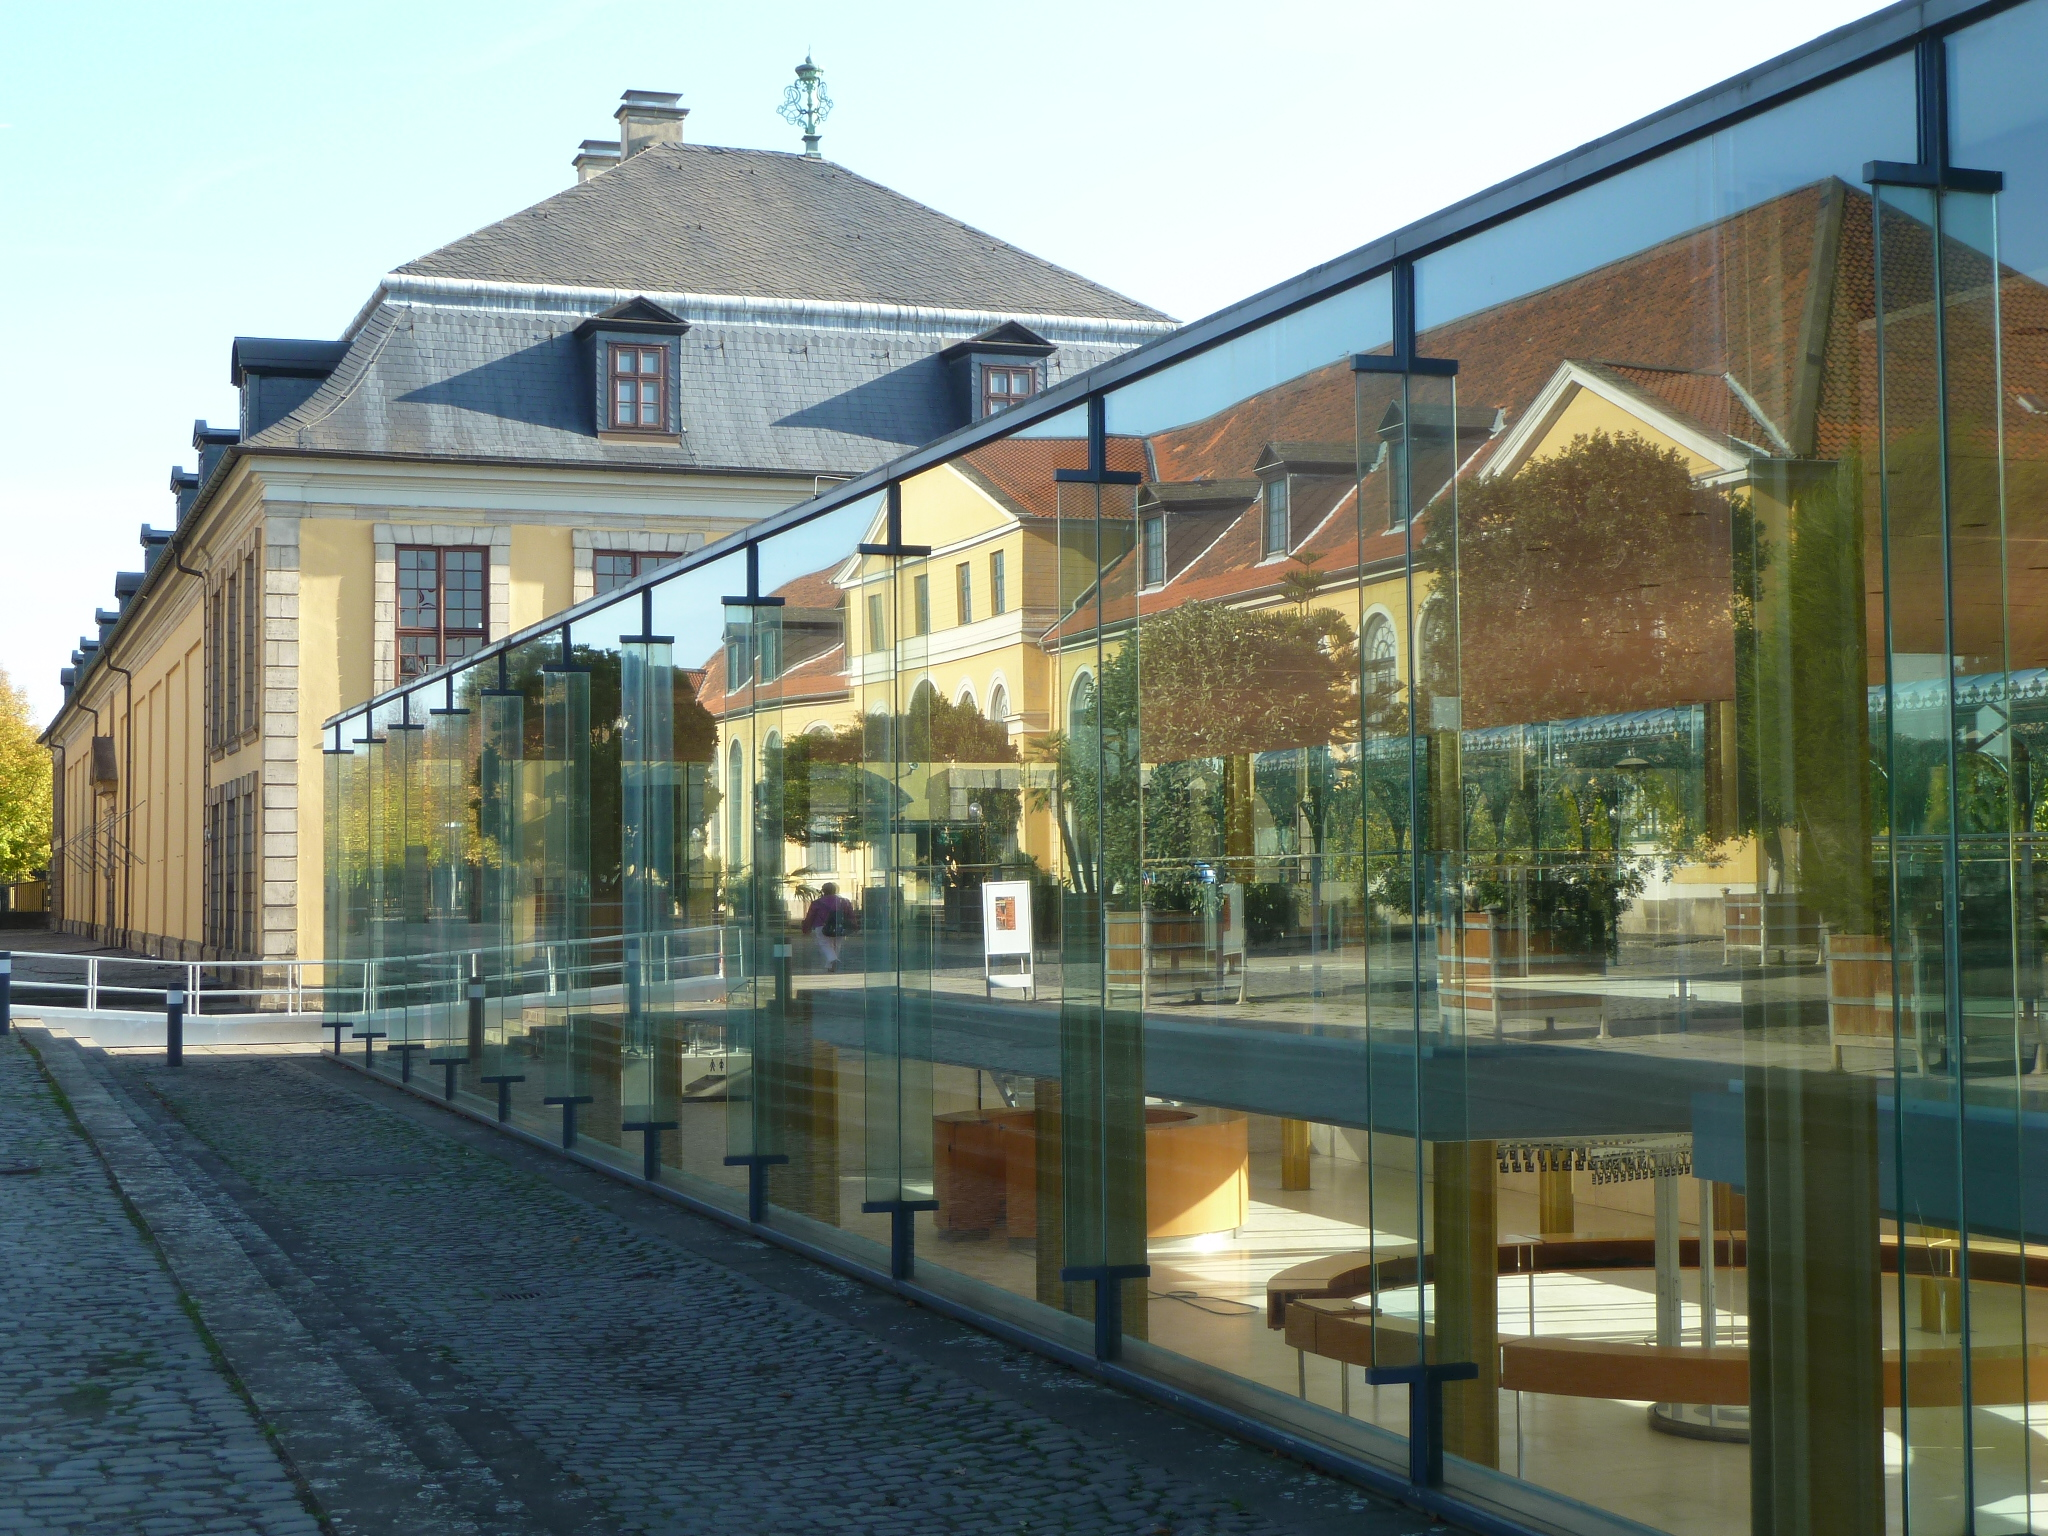 Ideal Arne Jacobsen Herrenhaus Hannover Architecture Pinterest Arne jacobsen and Architecture